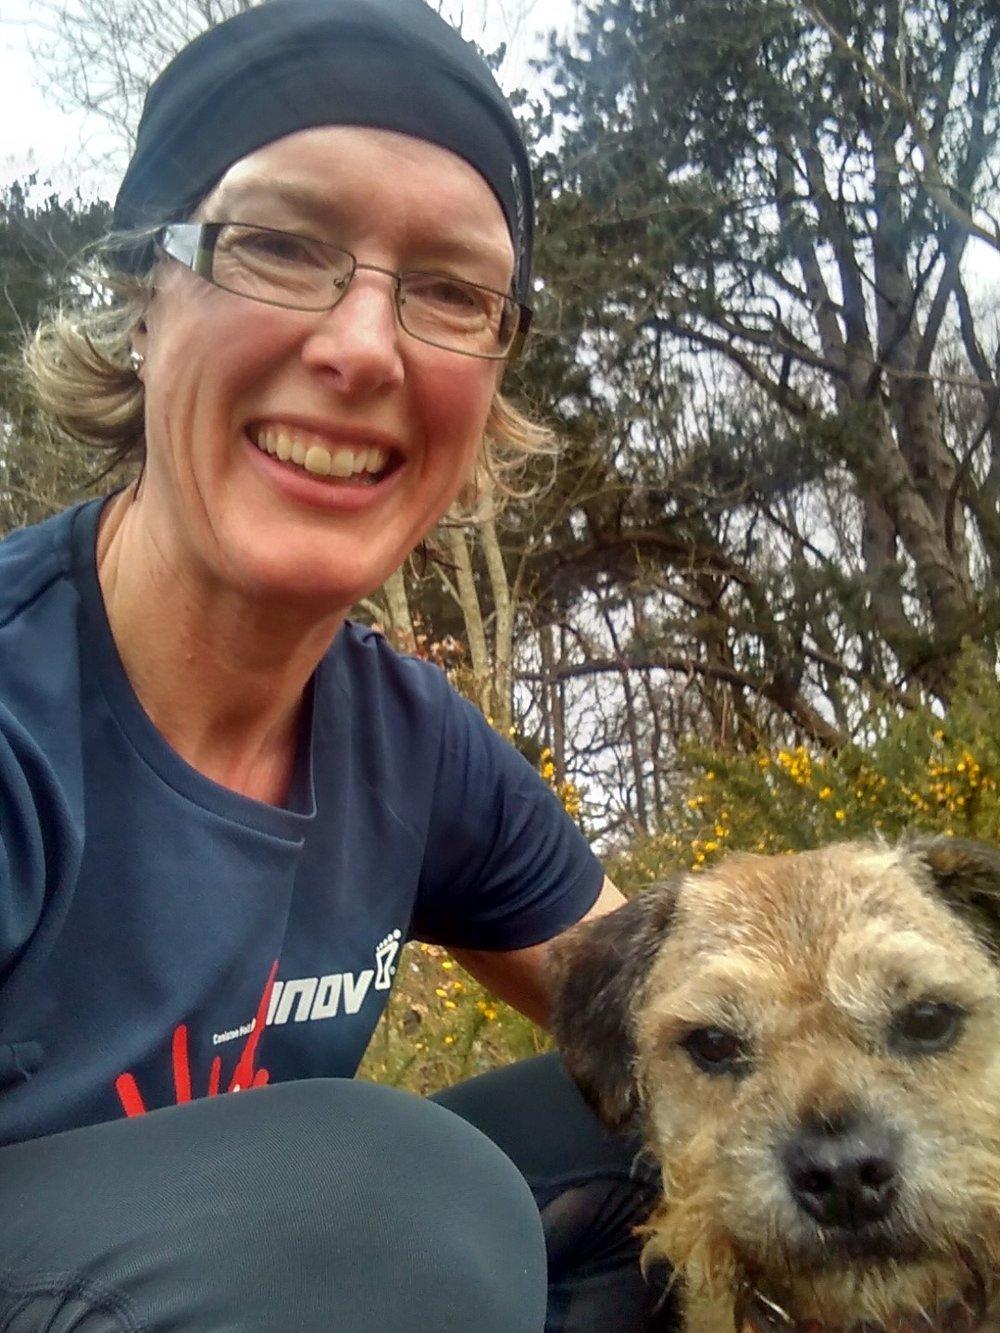 Fran and training partner.jpg